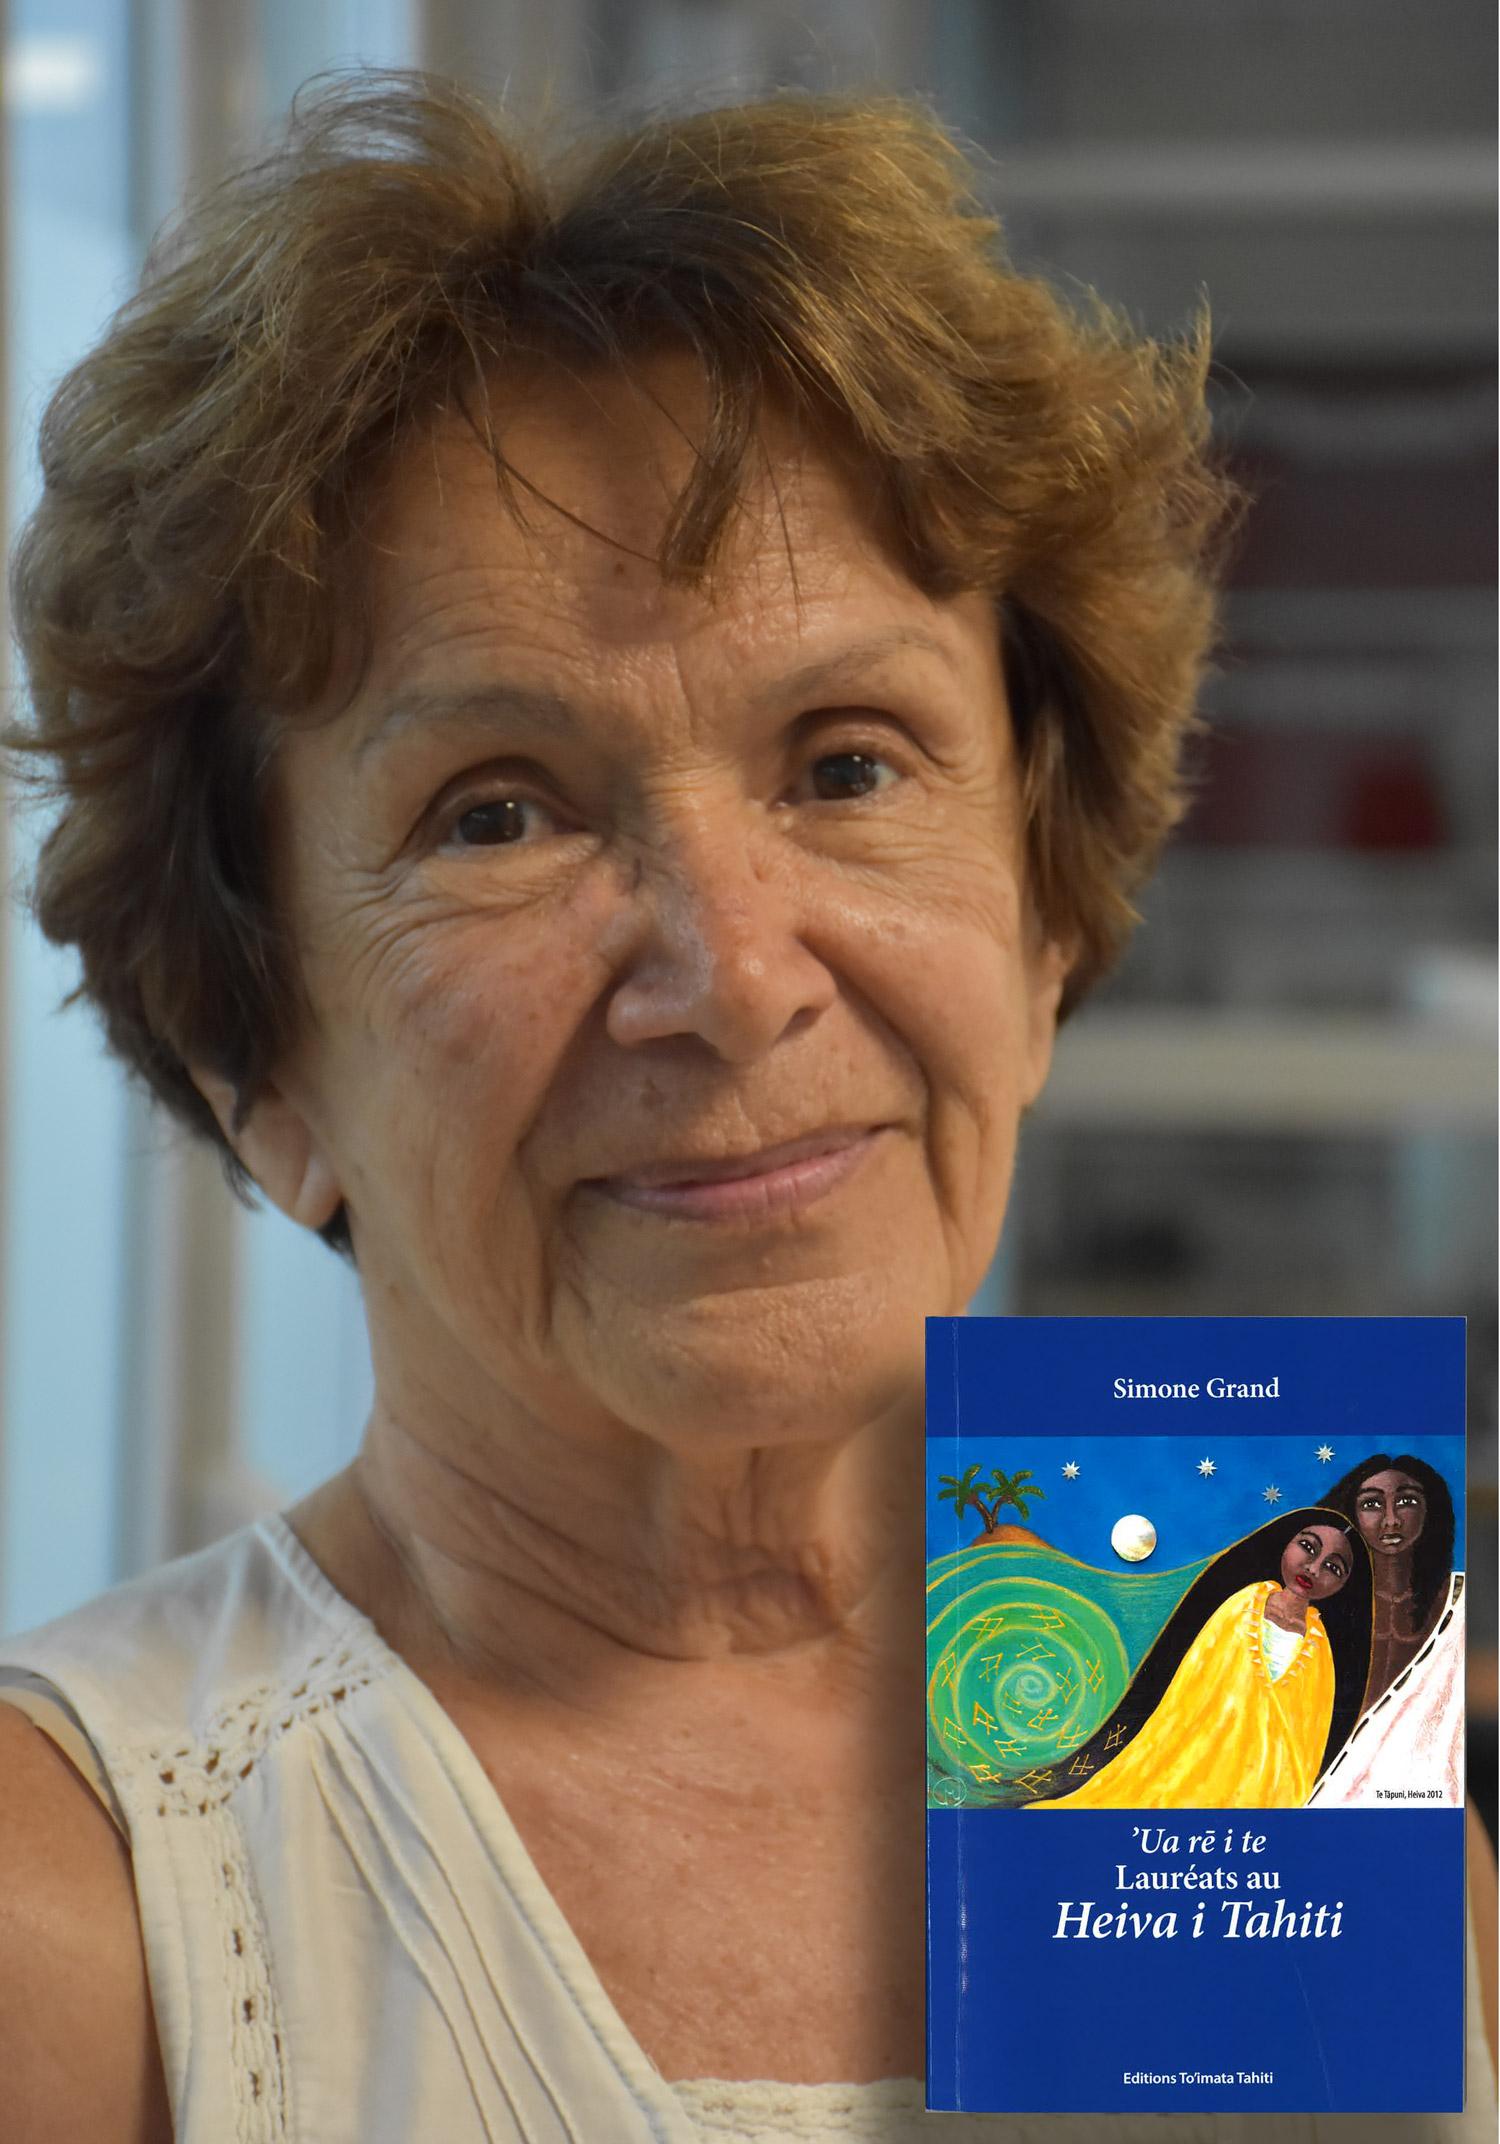 Simone Grand dédicace son dernier ouvrage